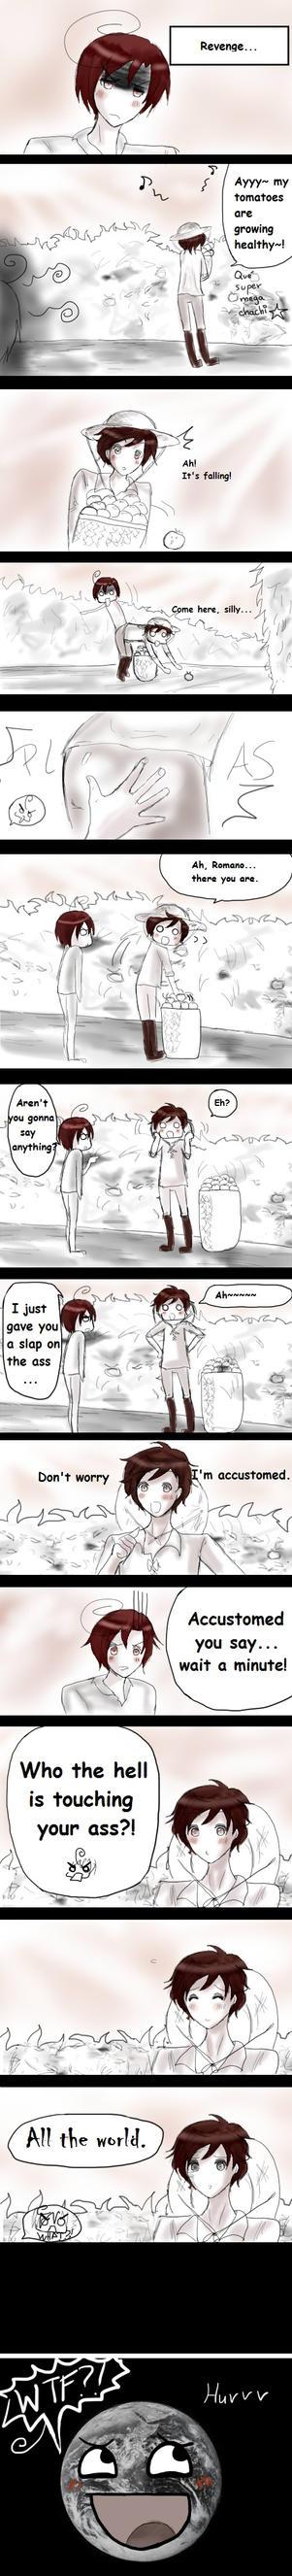 Romano's revenge by Kaprikume